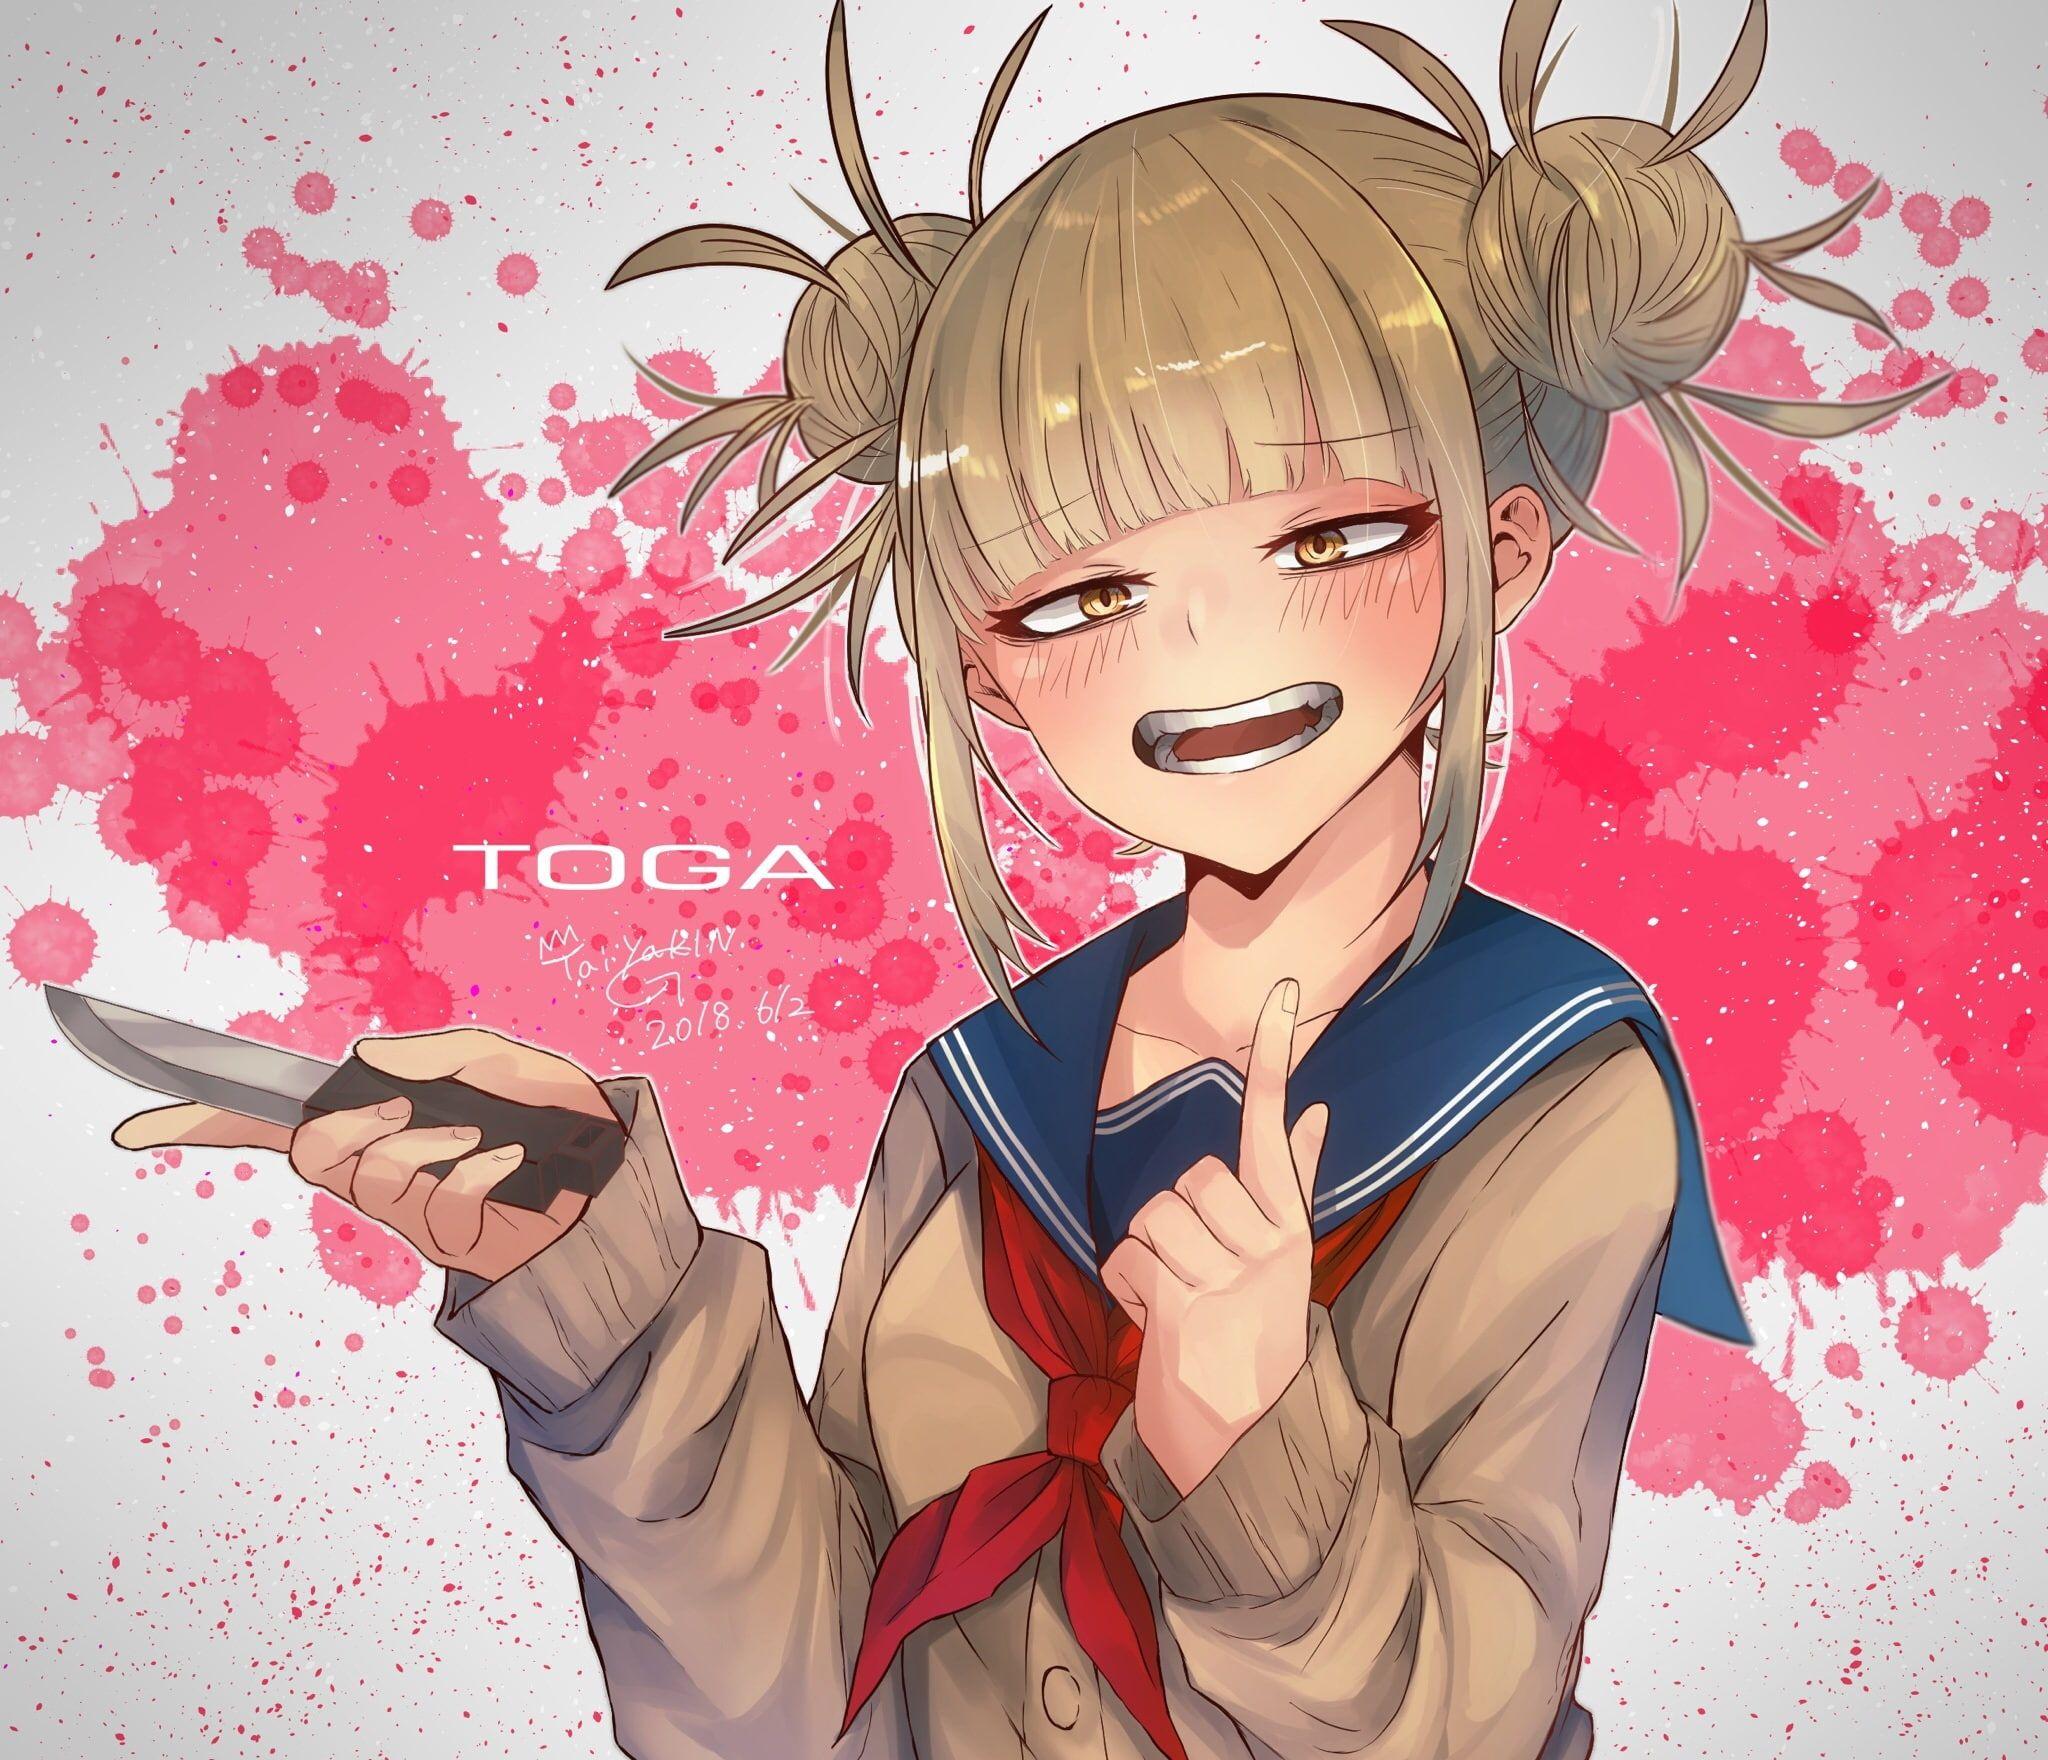 Anime My Hero Academia Himiko Toga 1080p Wallpaper Hdwallpaper Desktop In 2021 Anime My Hero Academia My Hero